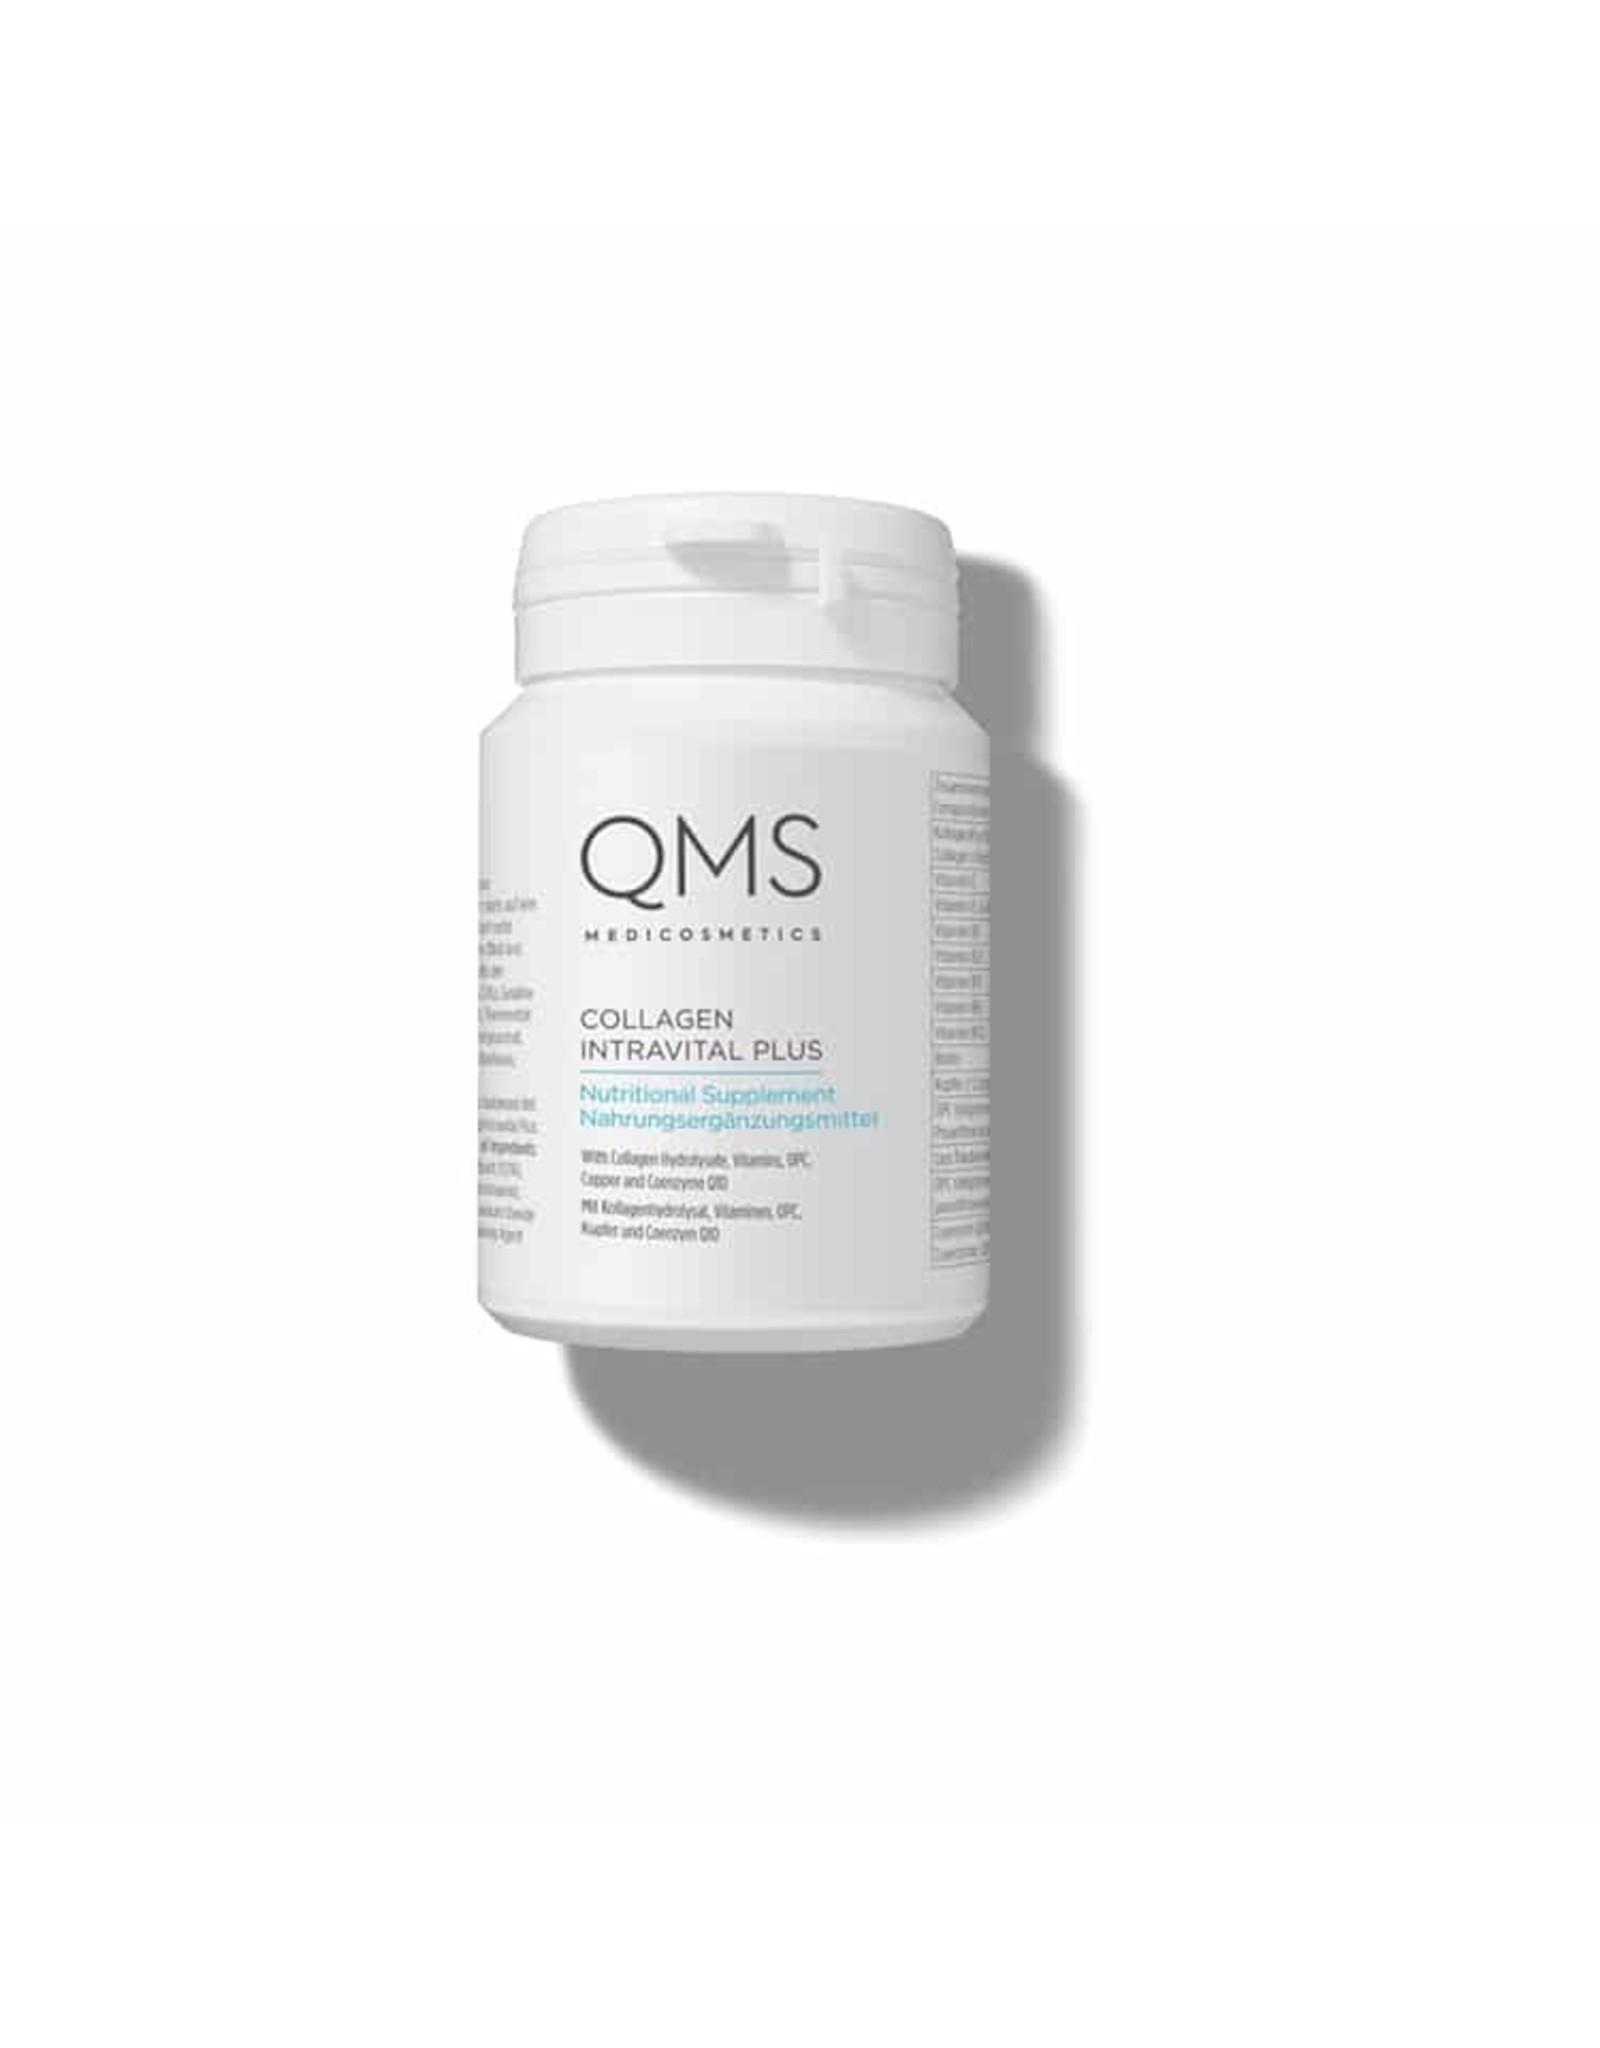 !QMS Medicosmetics Collagen Intravital Plus